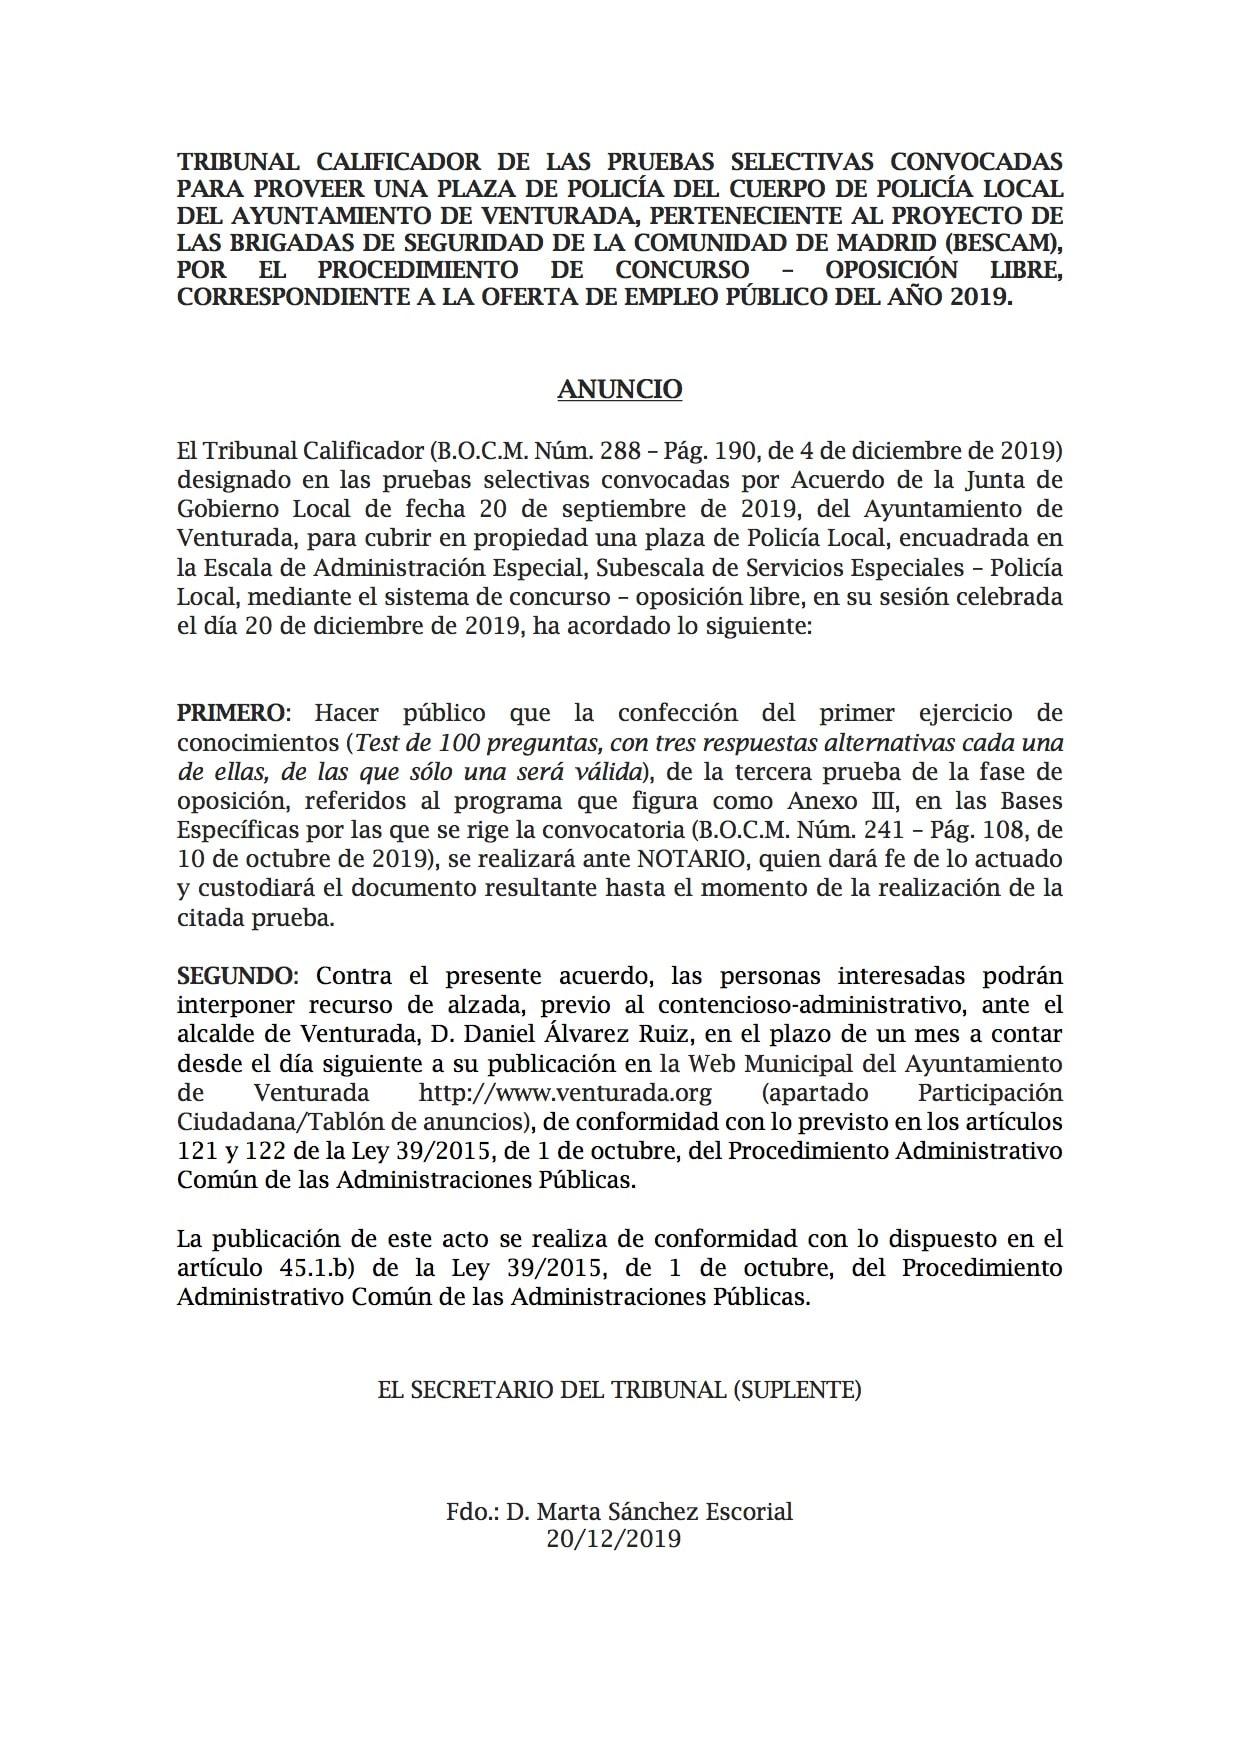 ANUNCIO NOTARIO WEB VENTURADA